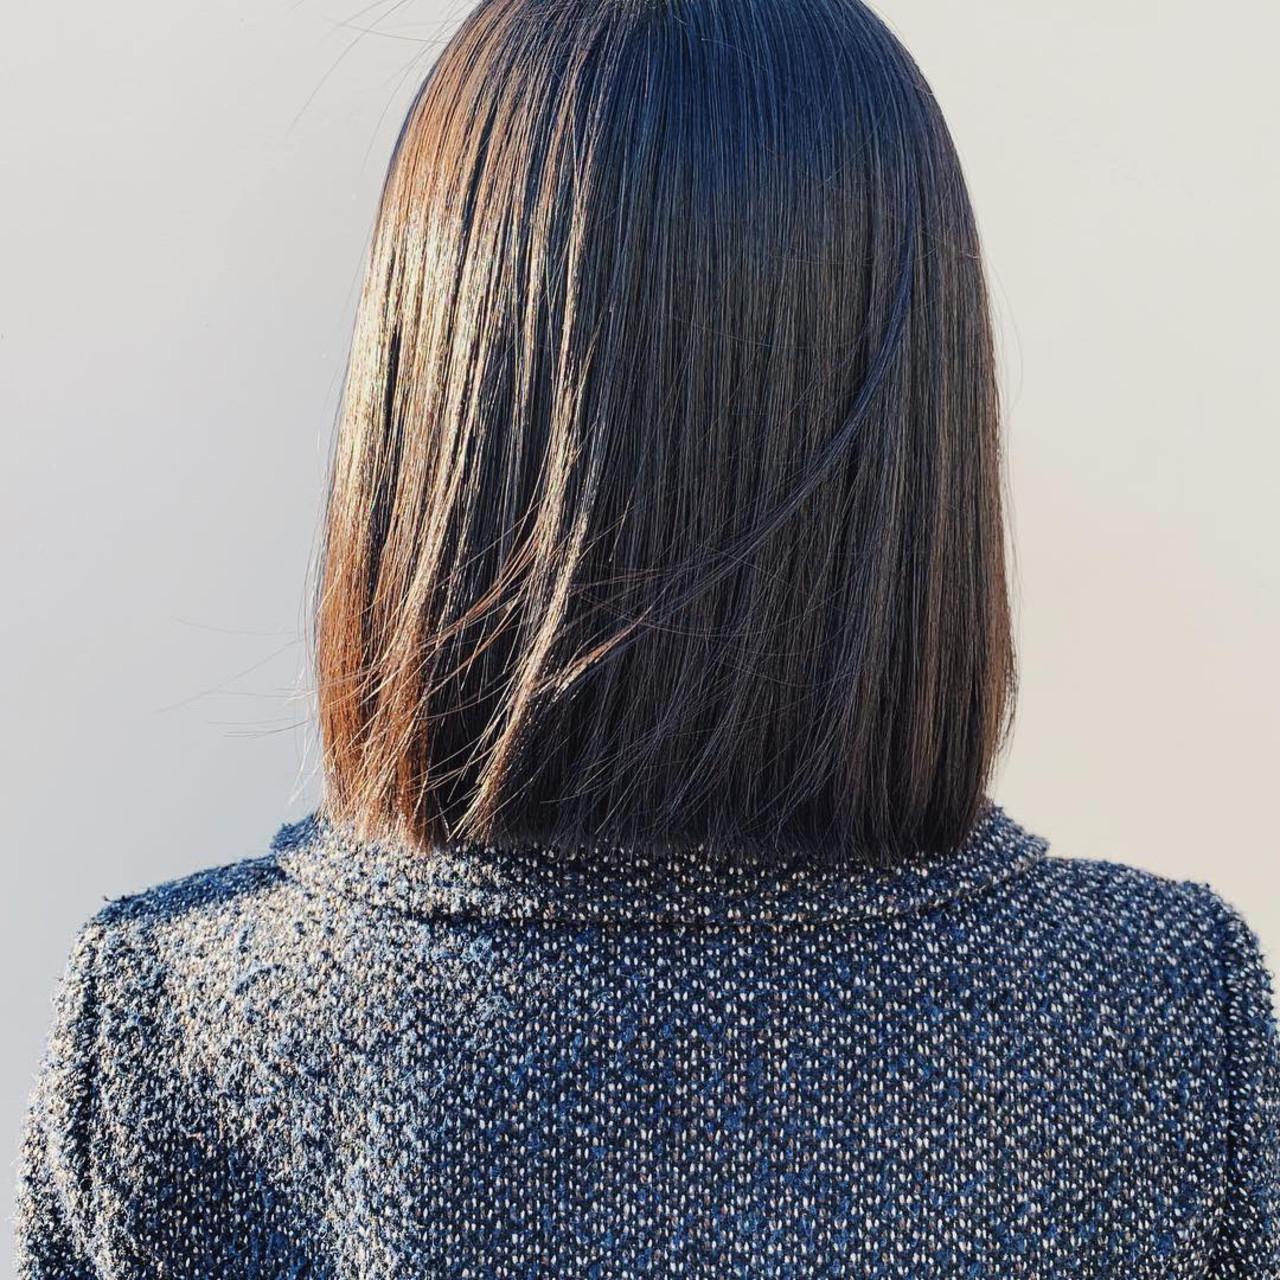 ナチュラル ヌーディベージュ ボブ ブラウンベージュヘアスタイルや髪型の写真・画像